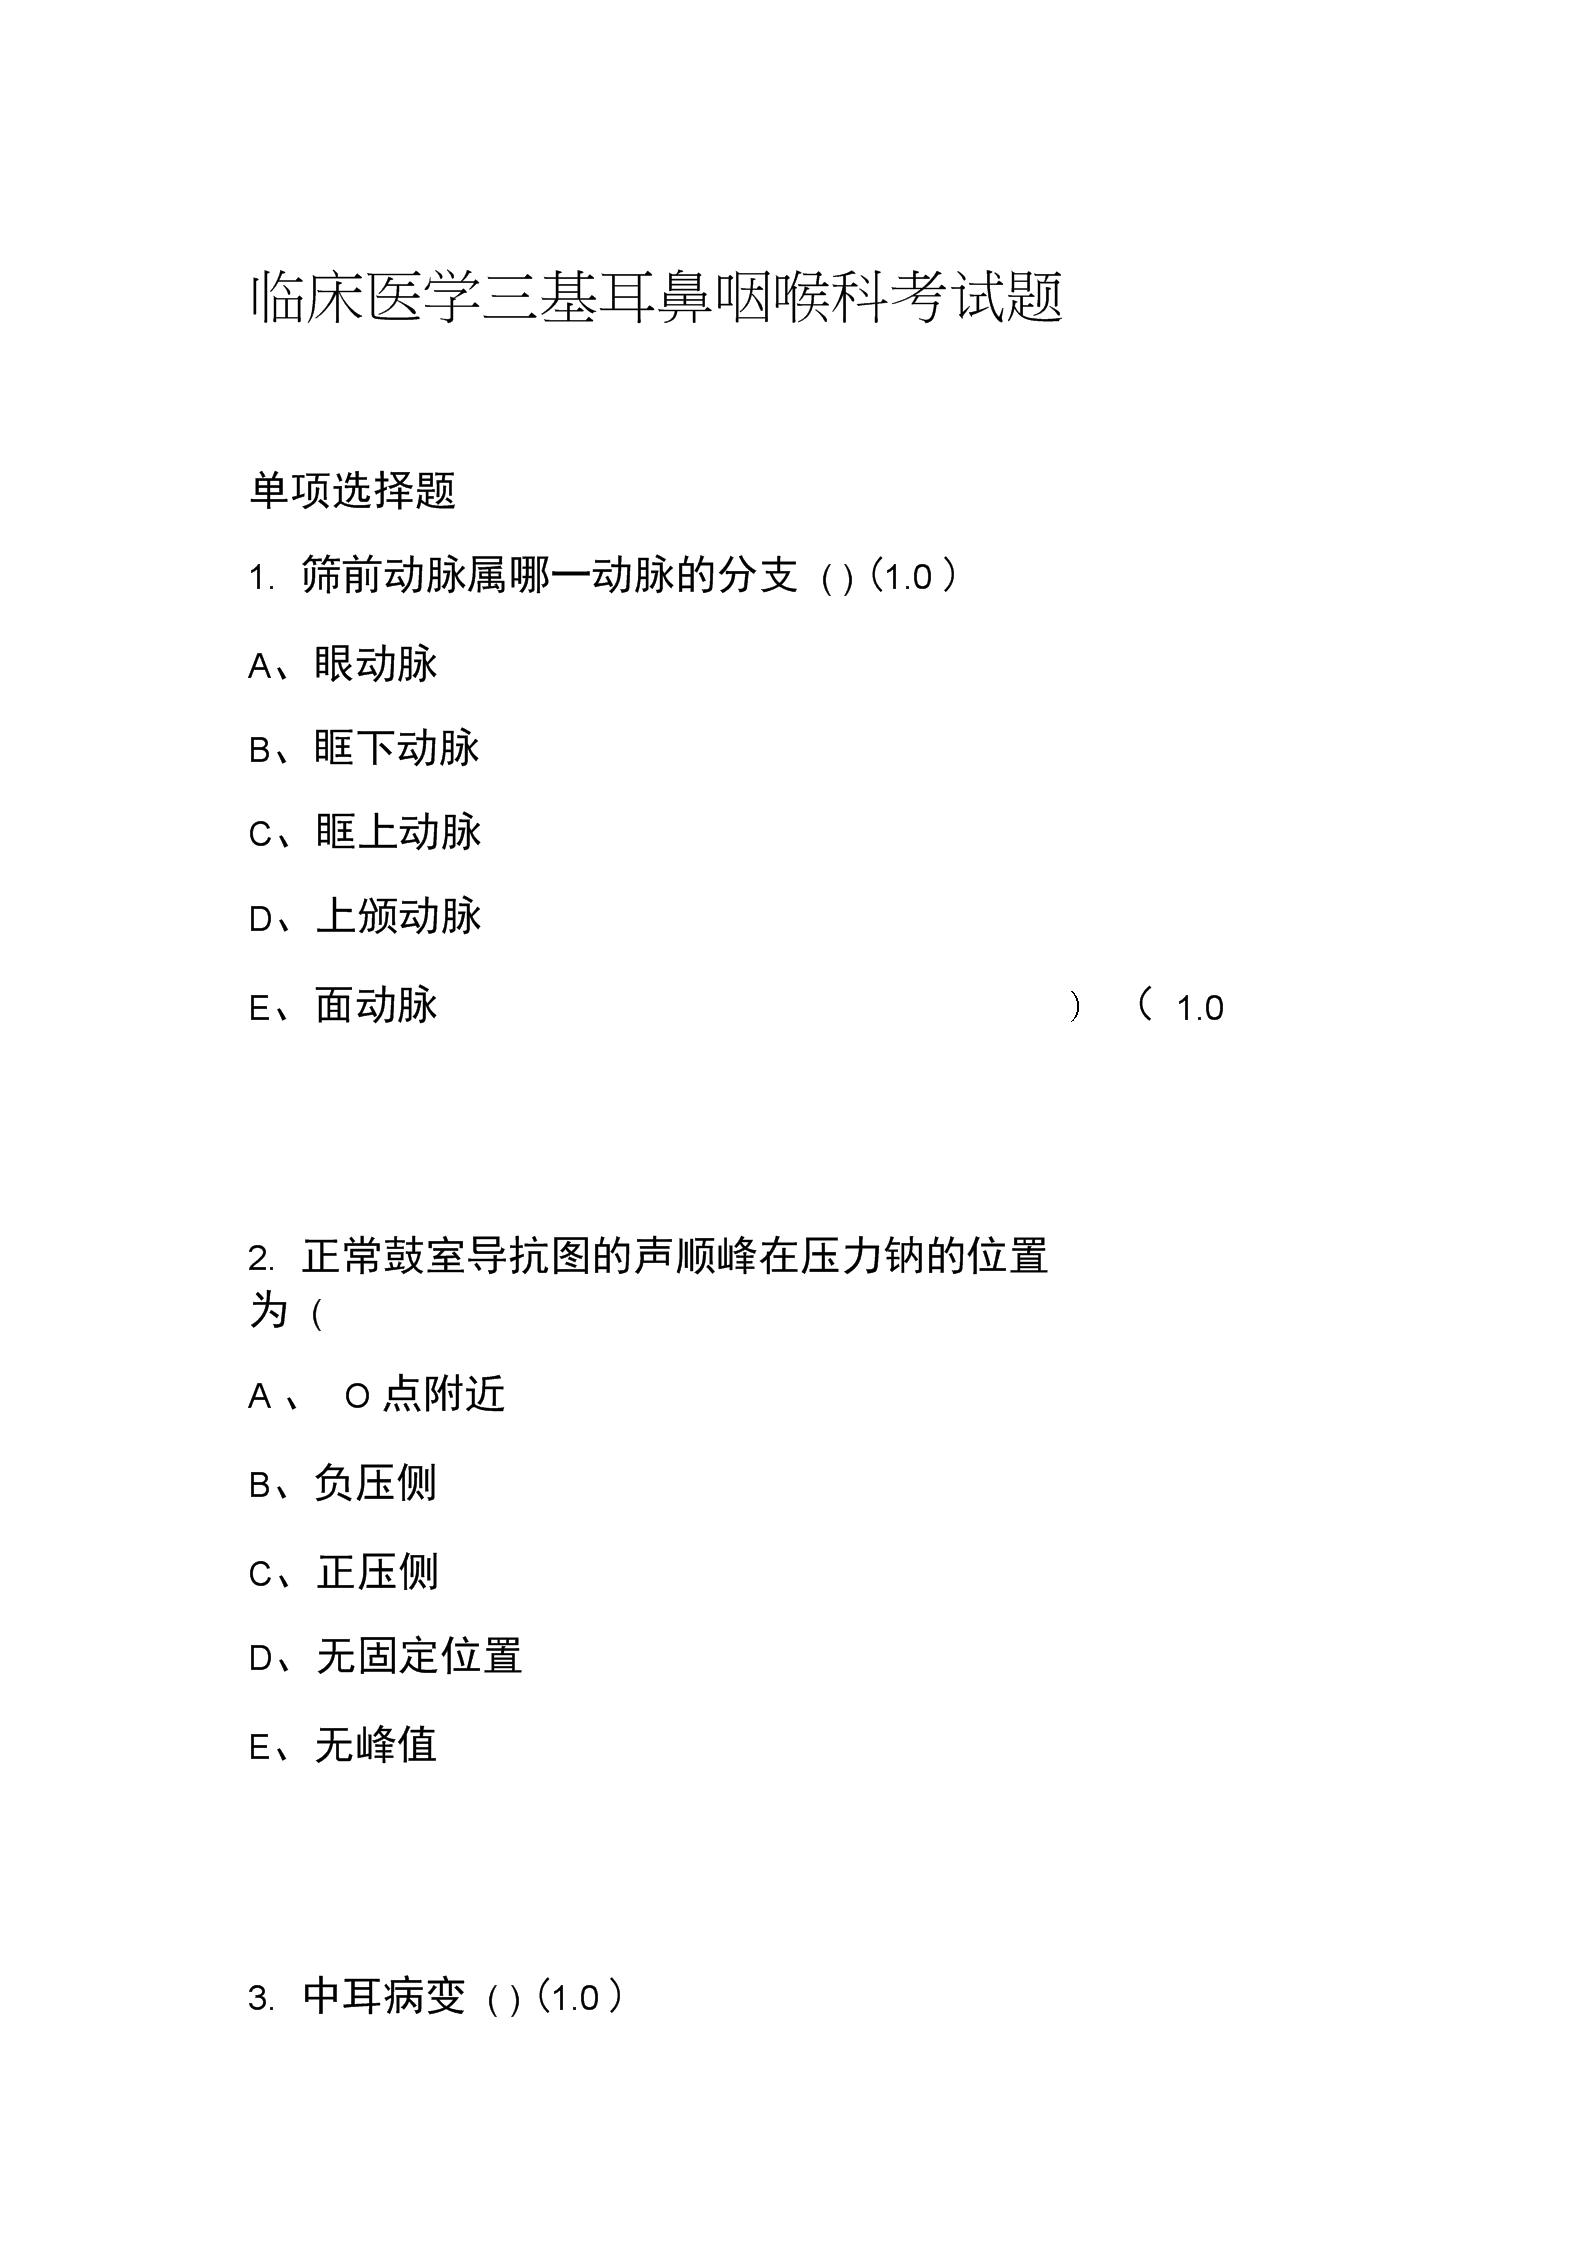 临床医学三基耳鼻咽喉科考试题.docx